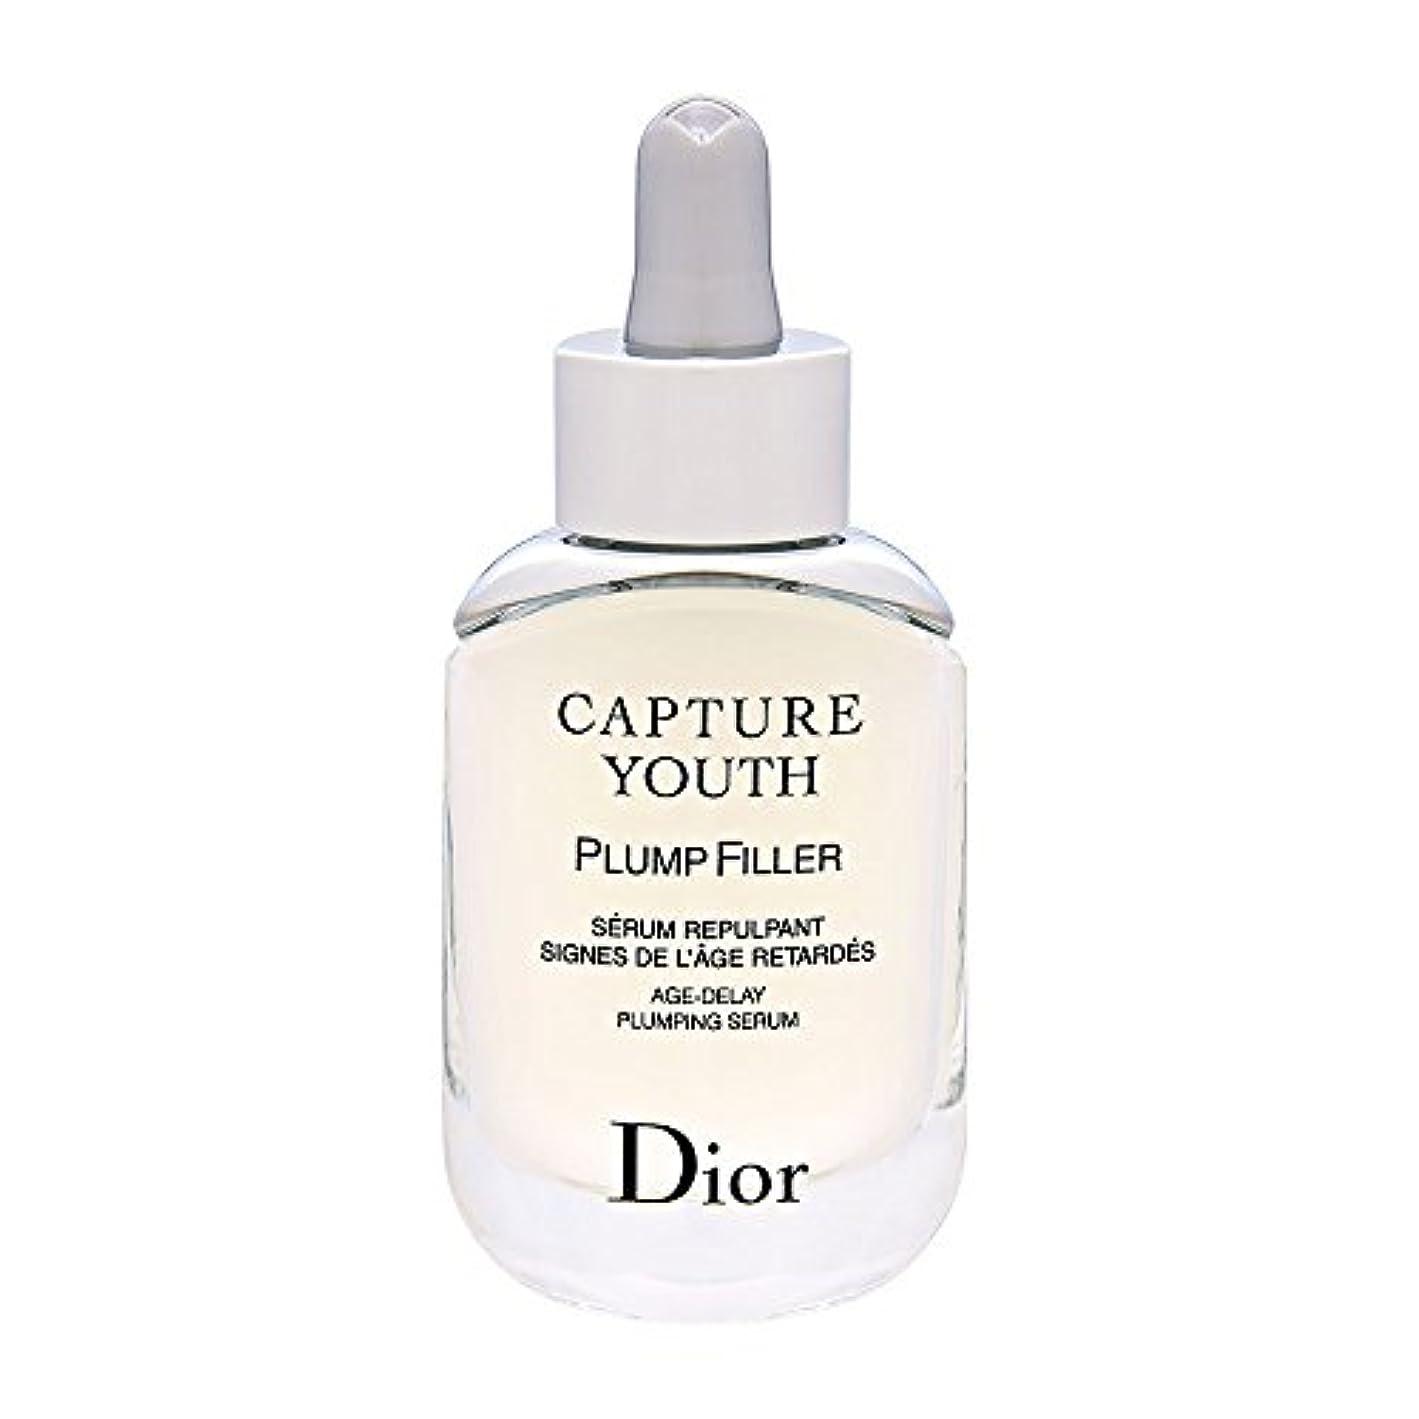 アミューズ自分を引き上げるサークルクリスチャンディオール Christian Dior カプチュール ユース プランプフィラー 30mL [並行輸入品]